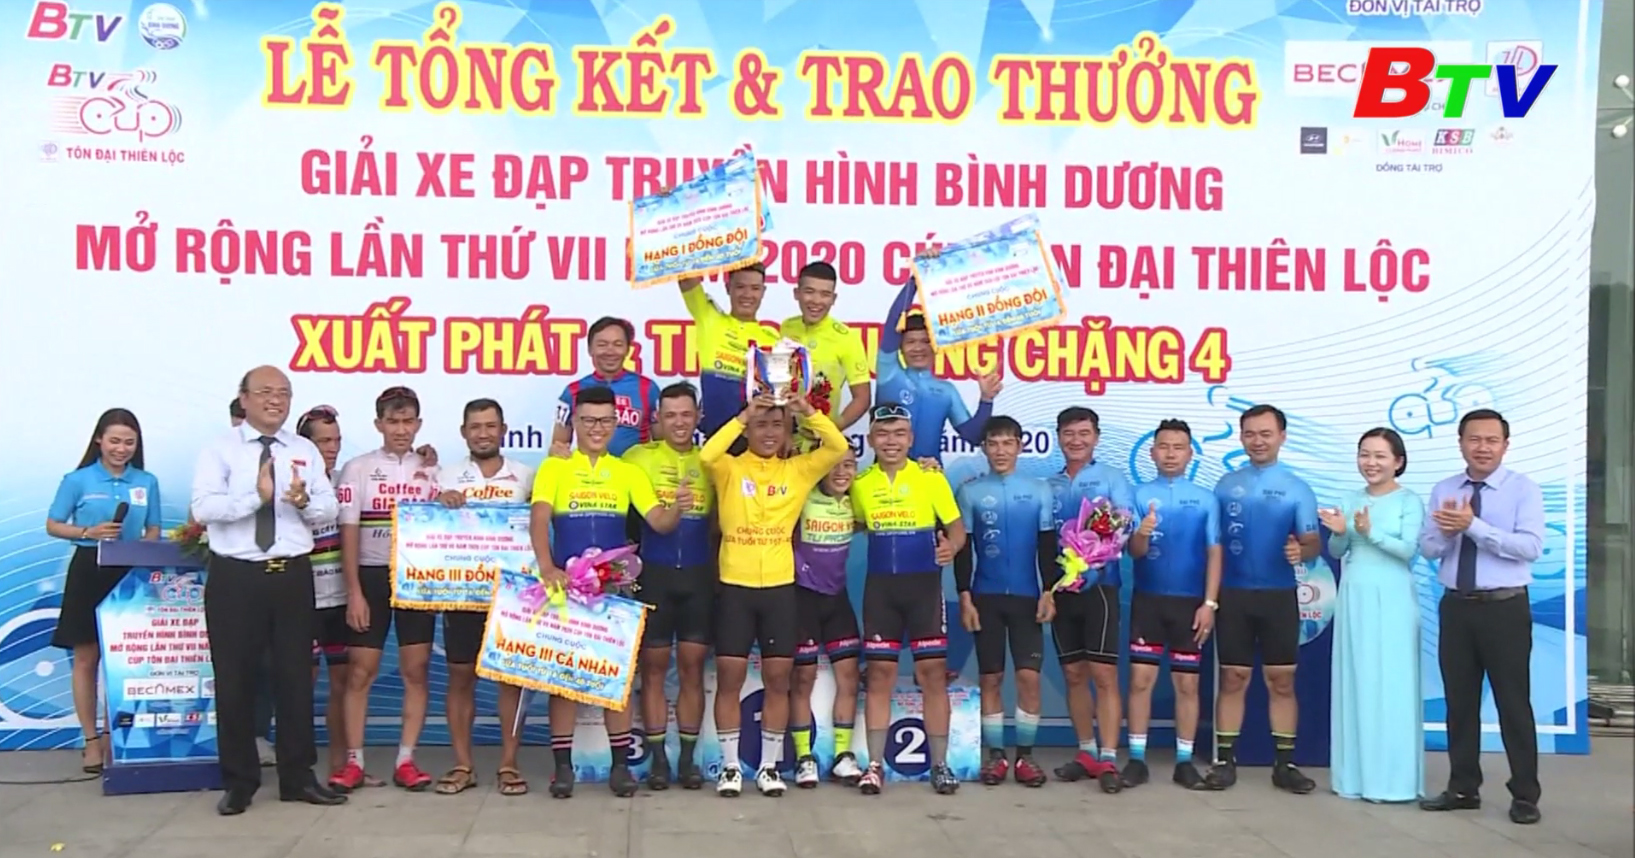 Cúp Tôn Đại Thiên Lộc - Sài Gòn Velo thâu tóm các danh hiệu